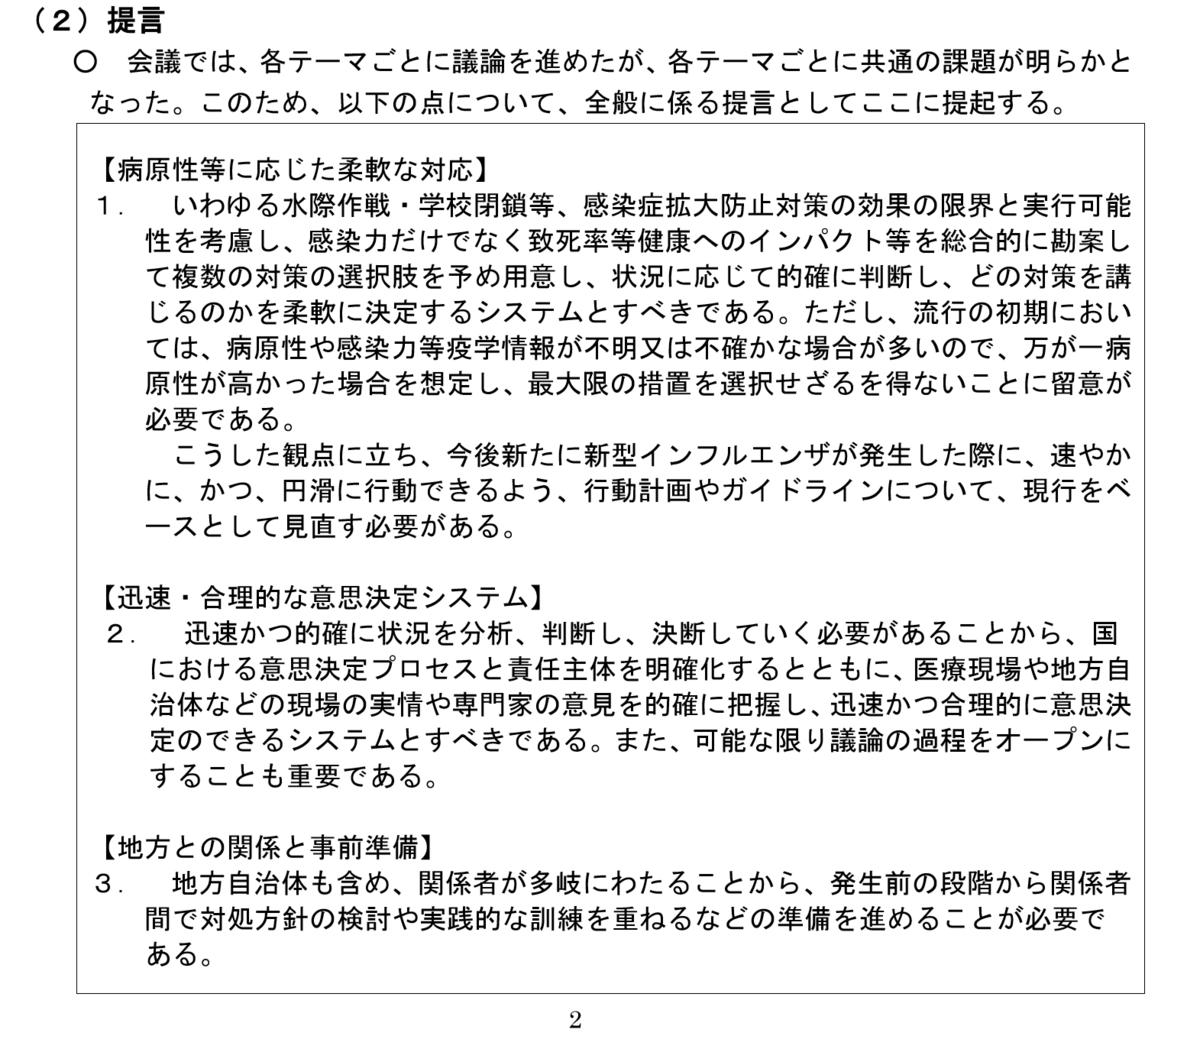 f:id:kaikakujapan:20200124183903p:plain